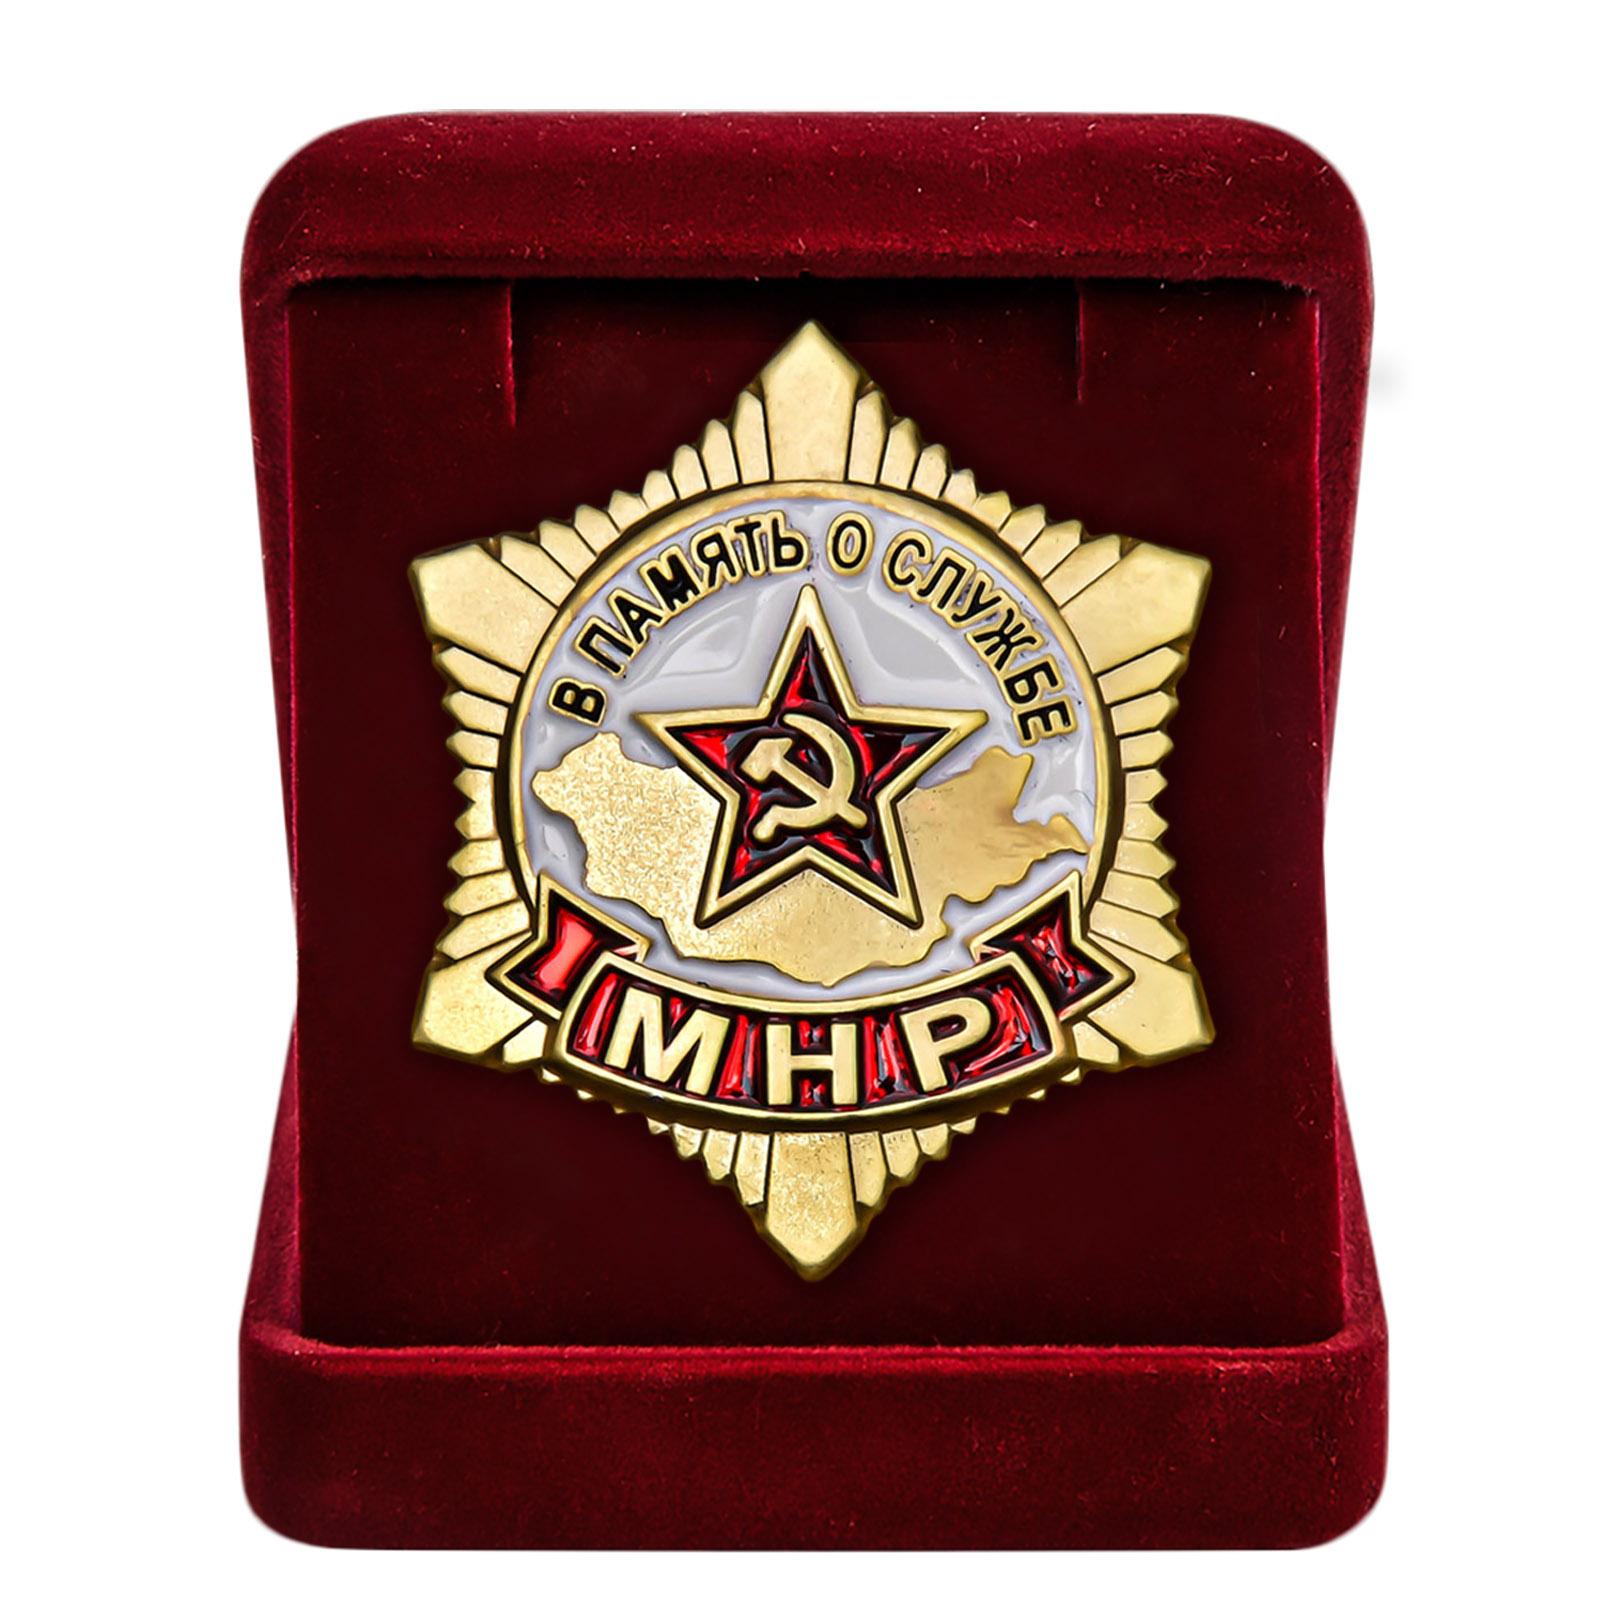 Купить знак В память о службе в МНР в подарок онлайн